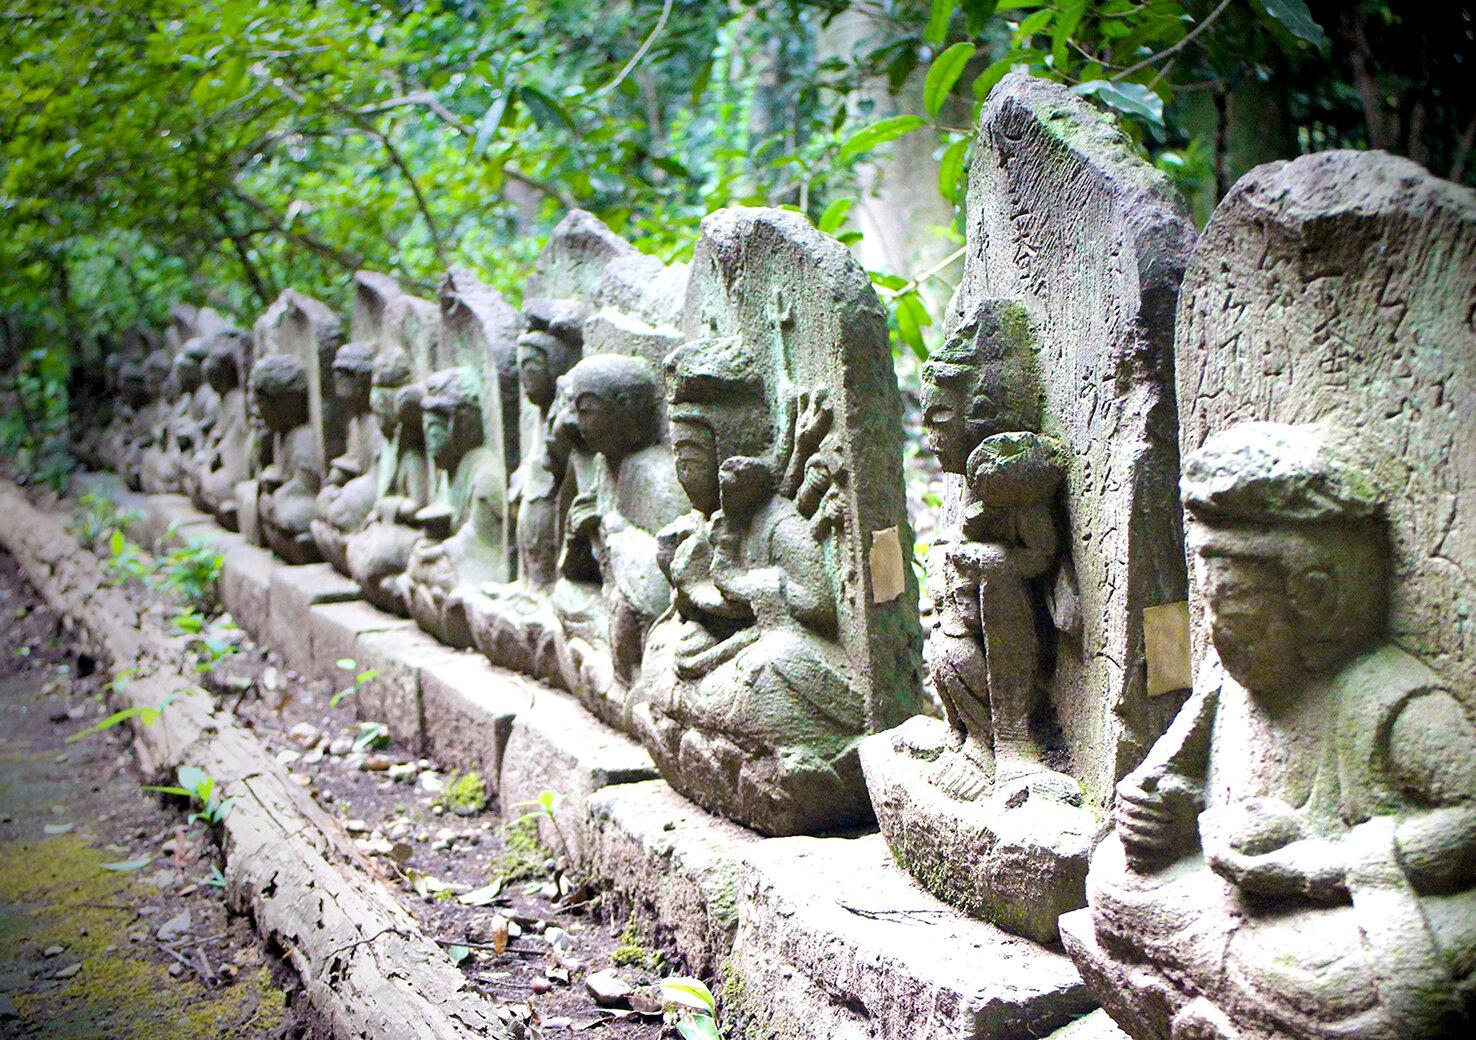 庭園、小川、石仏...、国分寺の自然と歴史を散策する